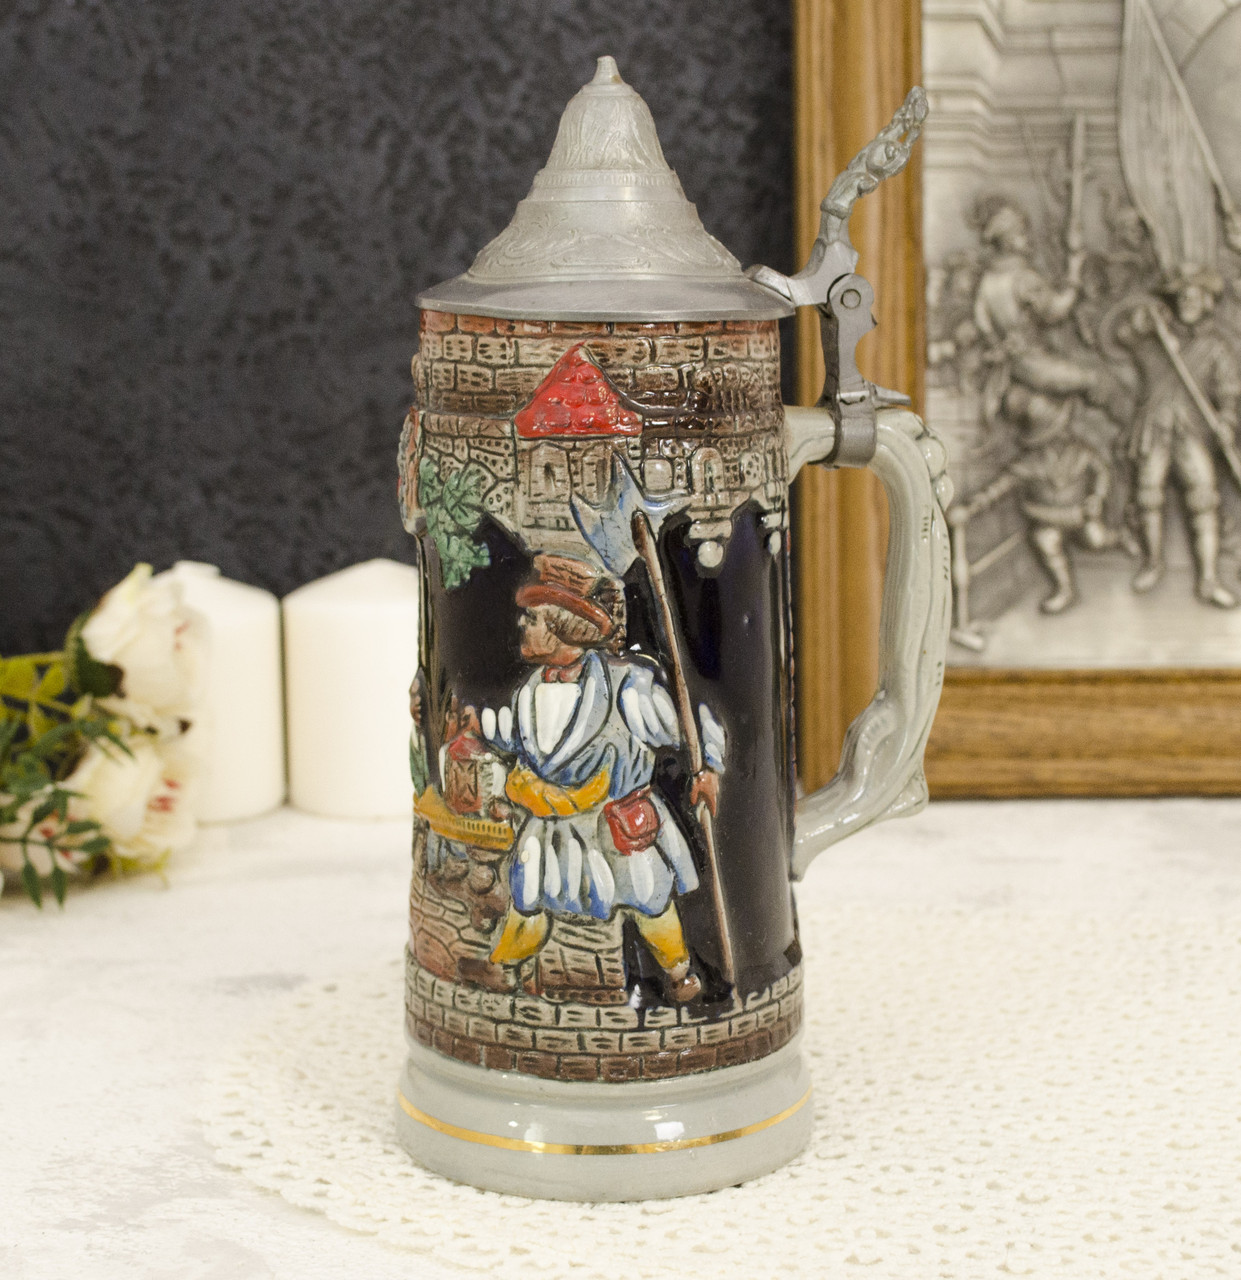 Пивной бокал с оловянной крышкой, керамика, Олово, Германия